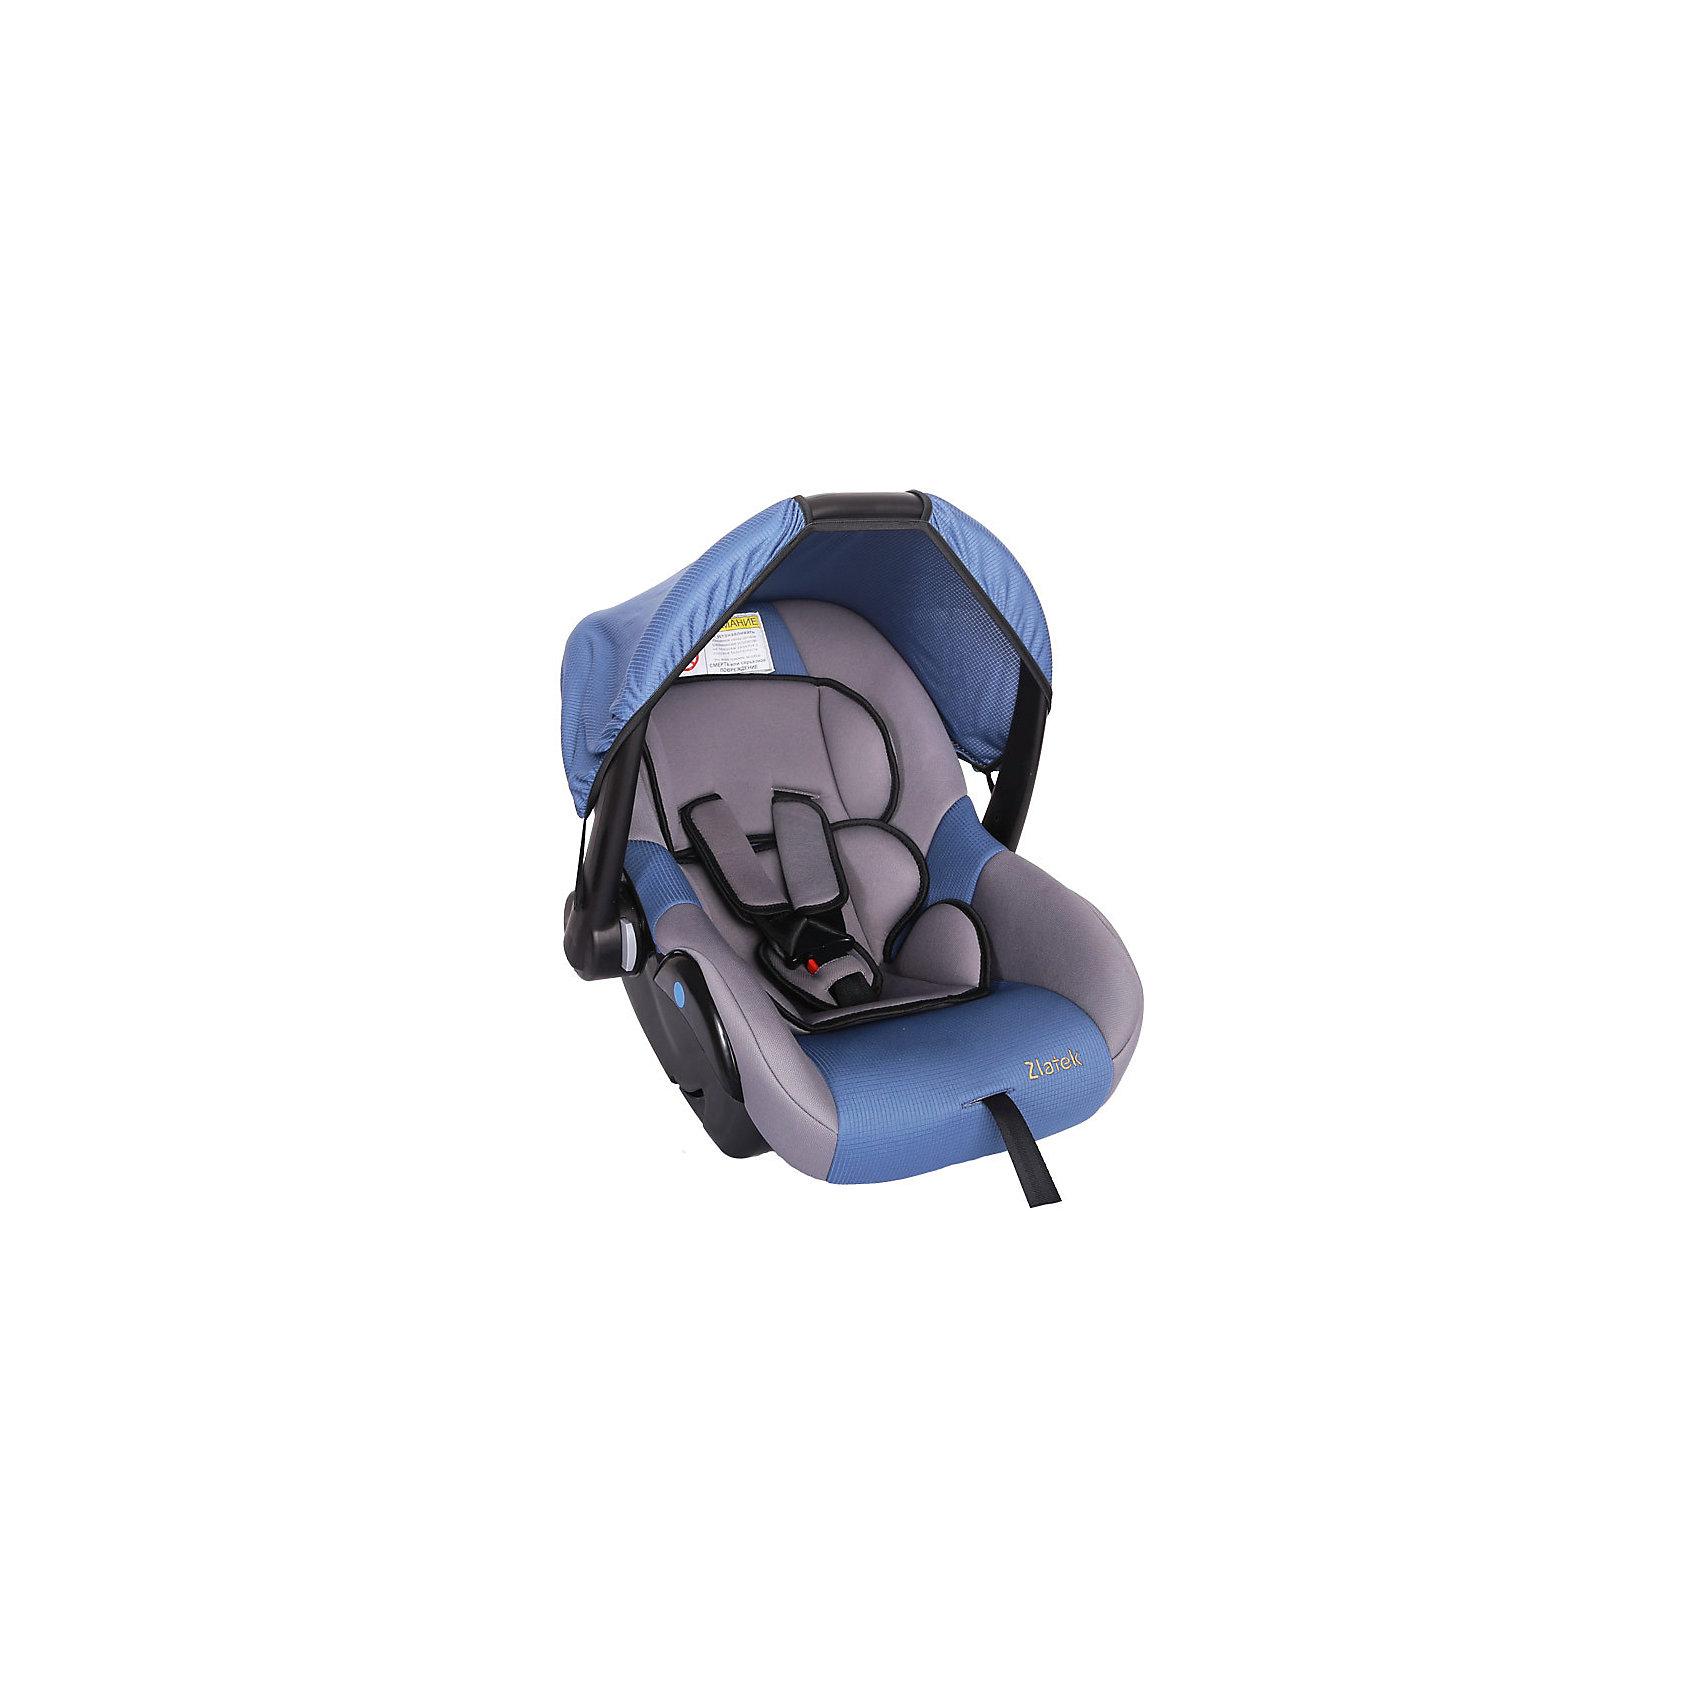 Автокресло Zlatek Colibri 0-13 кг, синийГруппа 0+ (До 13 кг)<br>Модель Colibri Zlatek – это надежное и практичное автокресло для перевозки детей от рождения до полутора лет. Автокресло оснащено 3-точечными ремнями безопасности с мягкими накладками, которые можно регулировать по мере роста ребенка. Благодаря удобной конструкции кресло удобно переносить, а также использовать как кресло-качалку и колыбель.<br><br>Дополнительная информация:<br><br>- Материал: текстиль, пластик, металл.<br>- Размер: 60x37x36 см<br>- Возраст: от 0 до 18 месяцев<br>- Группа: 0+ (до 13 кг)<br>- Вес кресла: 3.7 кг<br>- Внутренние 3-точечные ремни безопасности<br><br>Автокресло Colibri 0-13 кг., Zlatek, синий можно купить в нашем интернет-магазине.<br><br>Ширина мм: 600<br>Глубина мм: 360<br>Высота мм: 370<br>Вес г: 3700<br>Возраст от месяцев: 0<br>Возраст до месяцев: 18<br>Пол: Унисекс<br>Возраст: Детский<br>SKU: 4809129